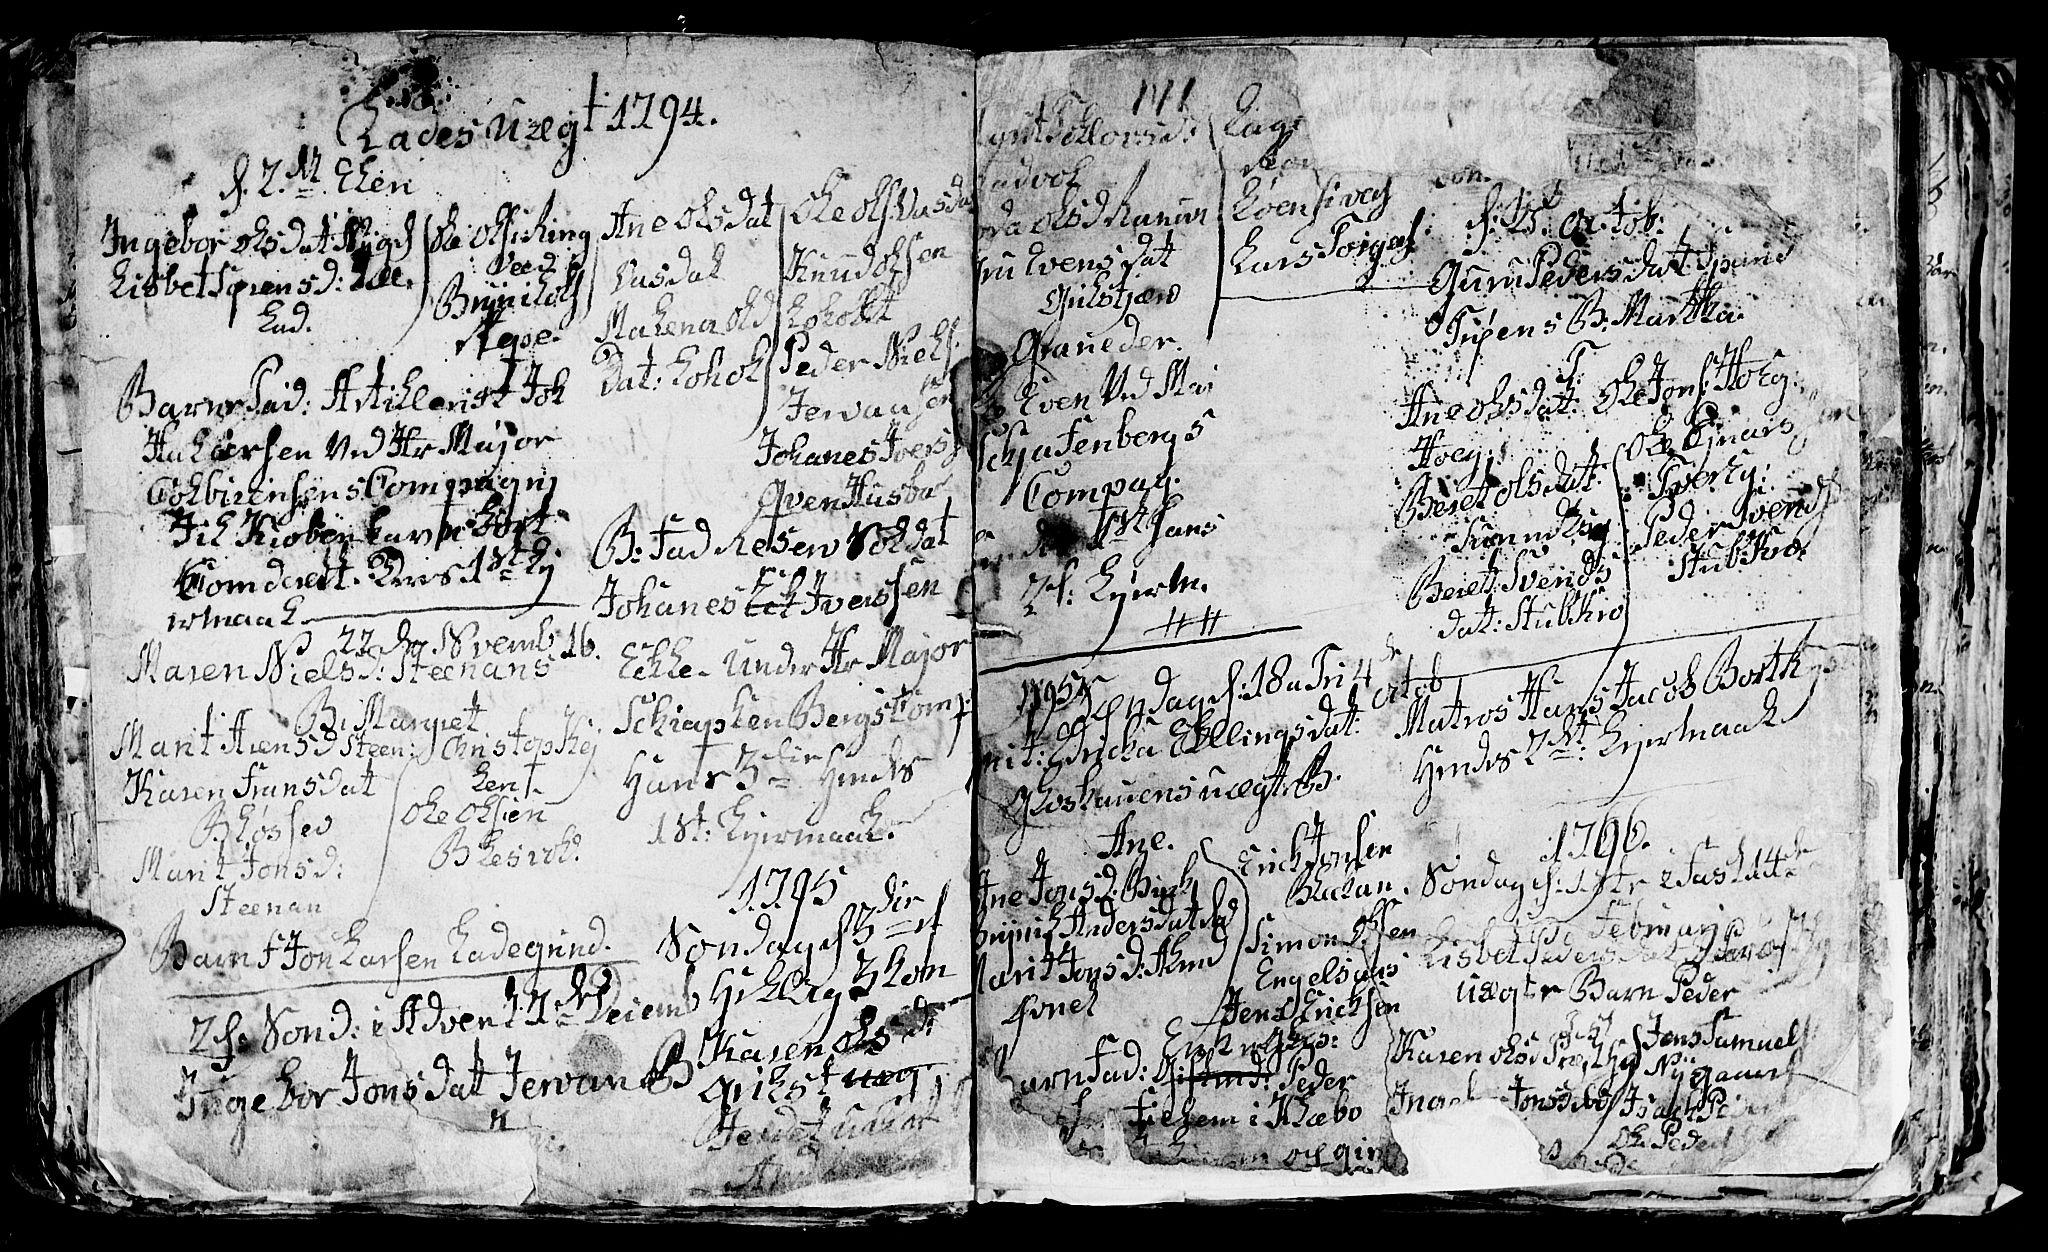 SAT, Ministerialprotokoller, klokkerbøker og fødselsregistre - Sør-Trøndelag, 606/L0305: Klokkerbok nr. 606C01, 1757-1819, s. 141